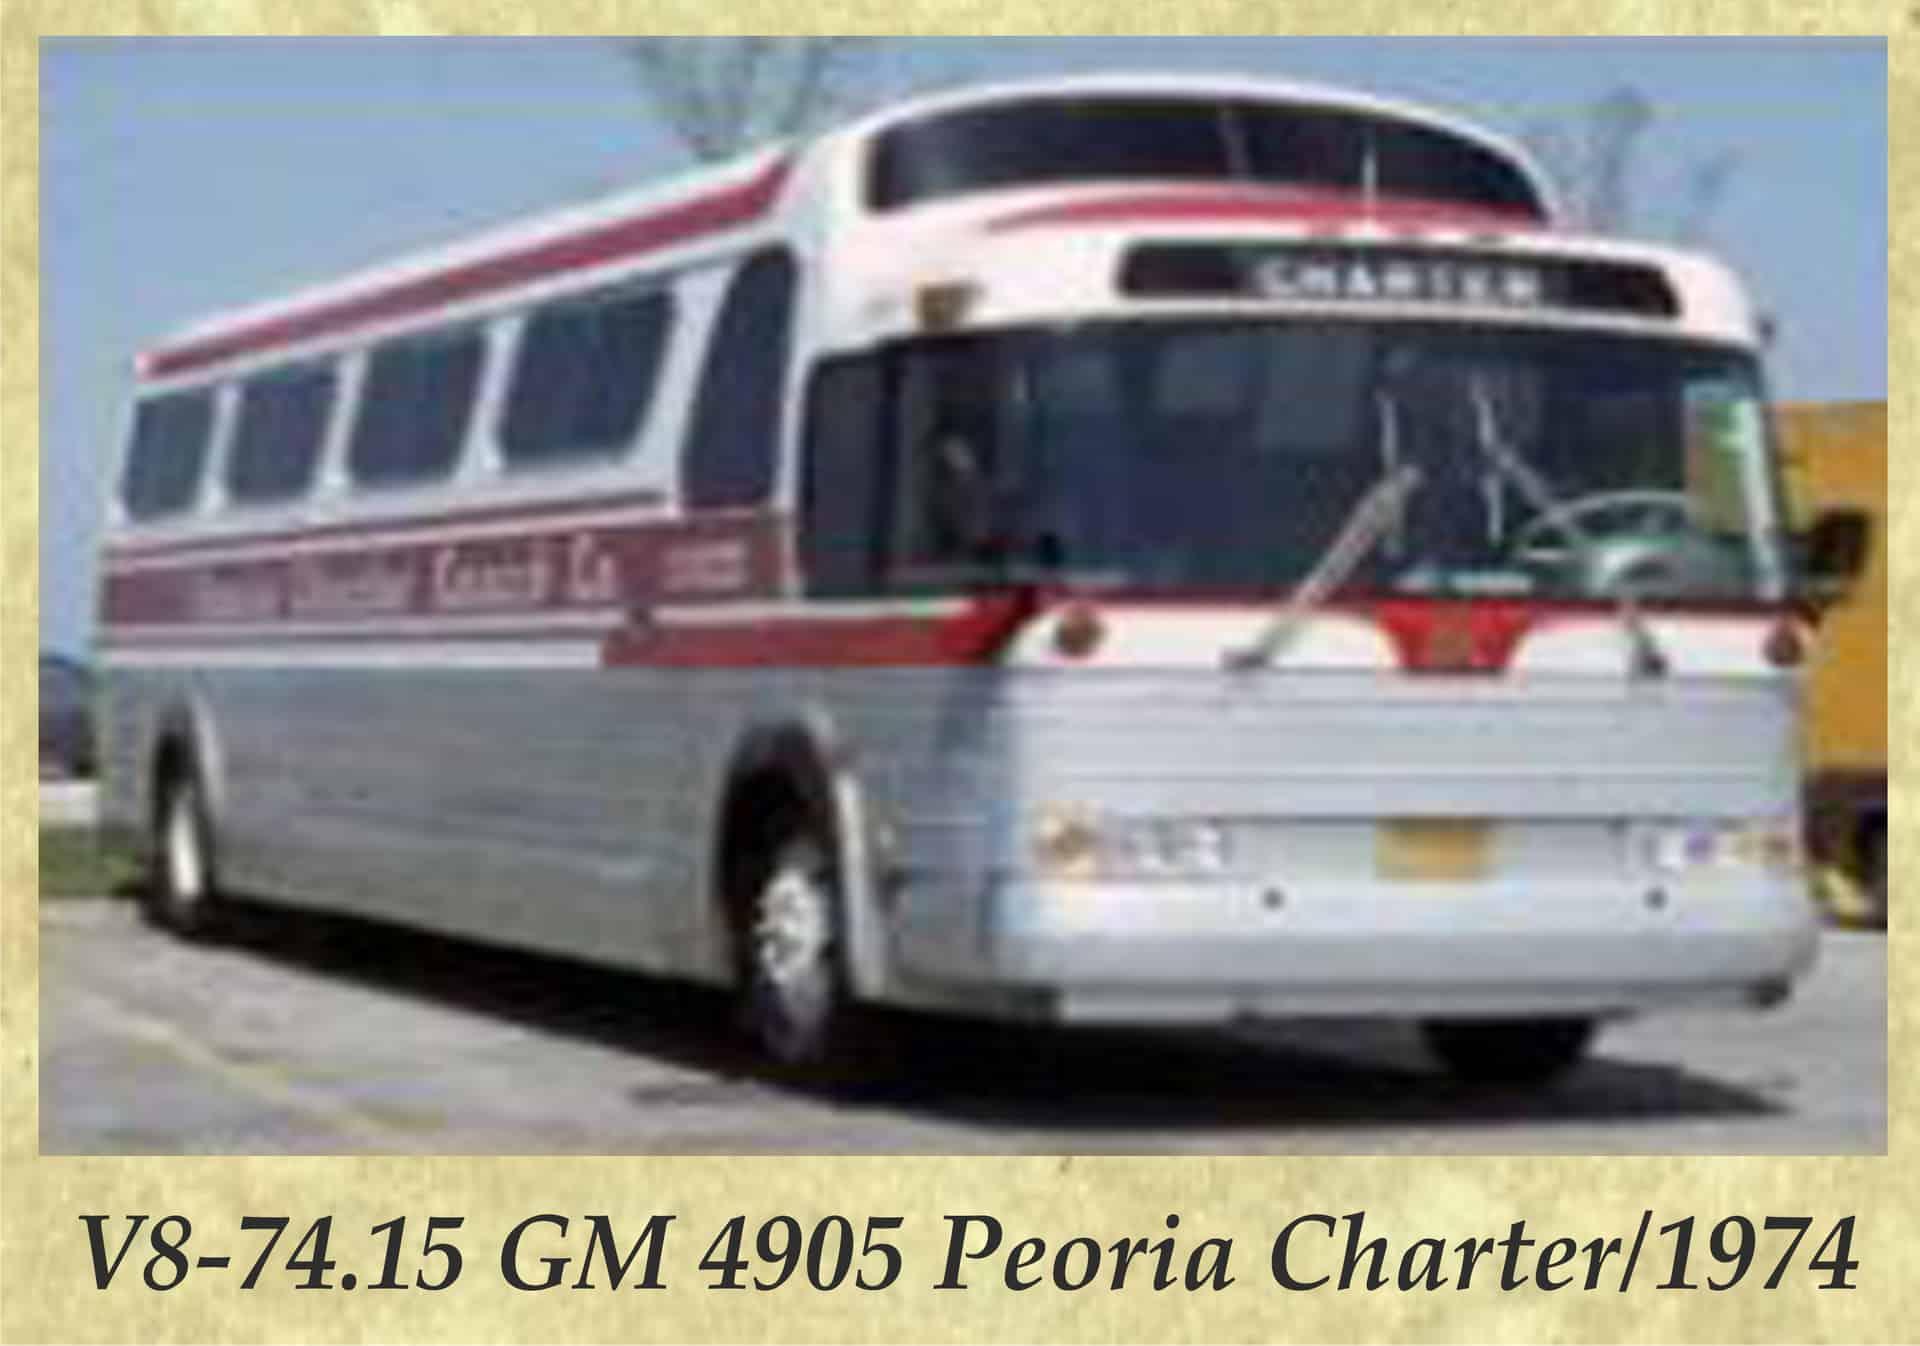 V8-74.15 GM 4905 Peoria Charter 1974